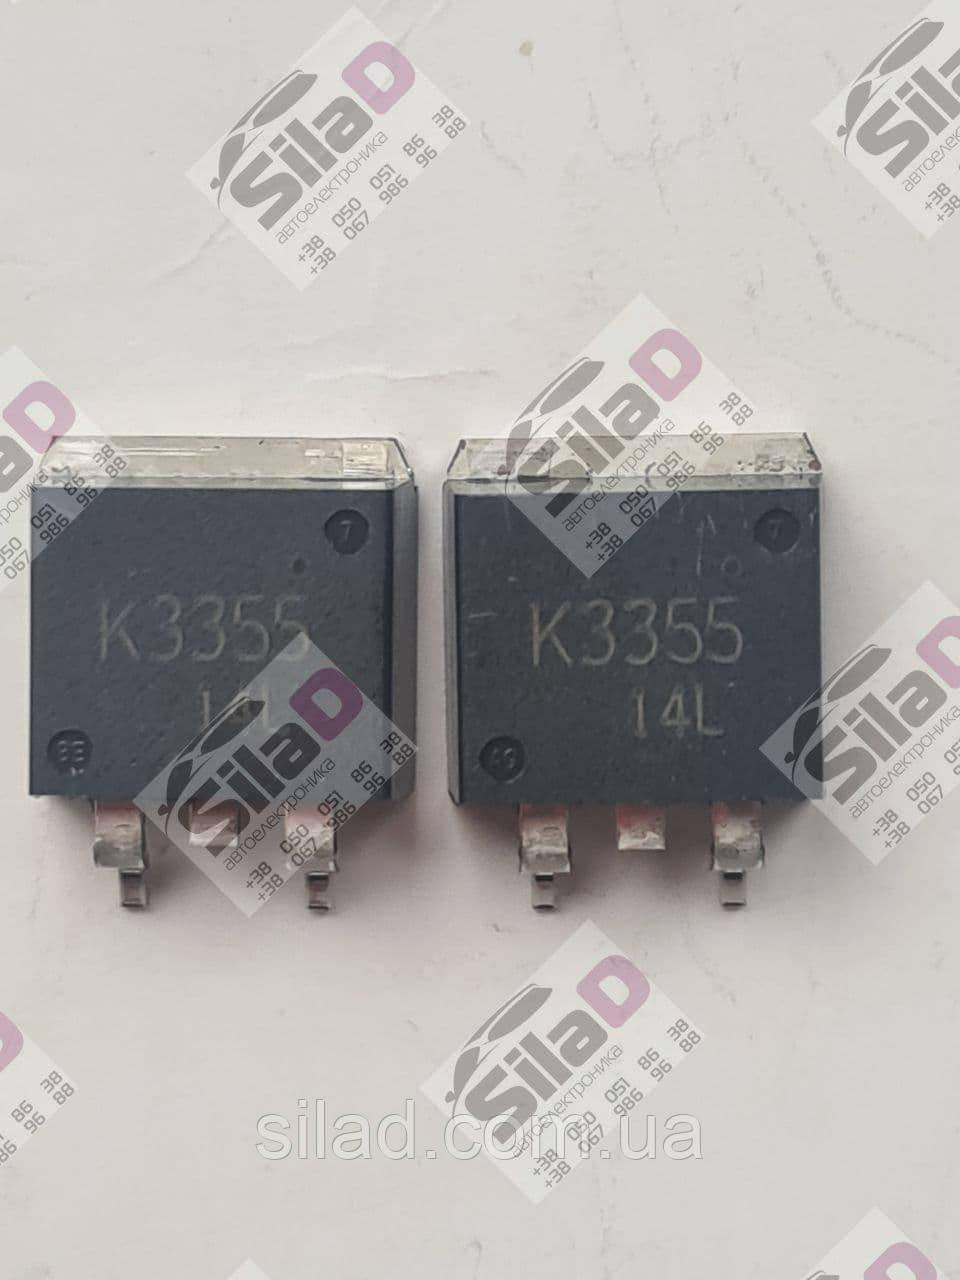 Транзистор 2SK3355 K3355 NEC корпус TO-263